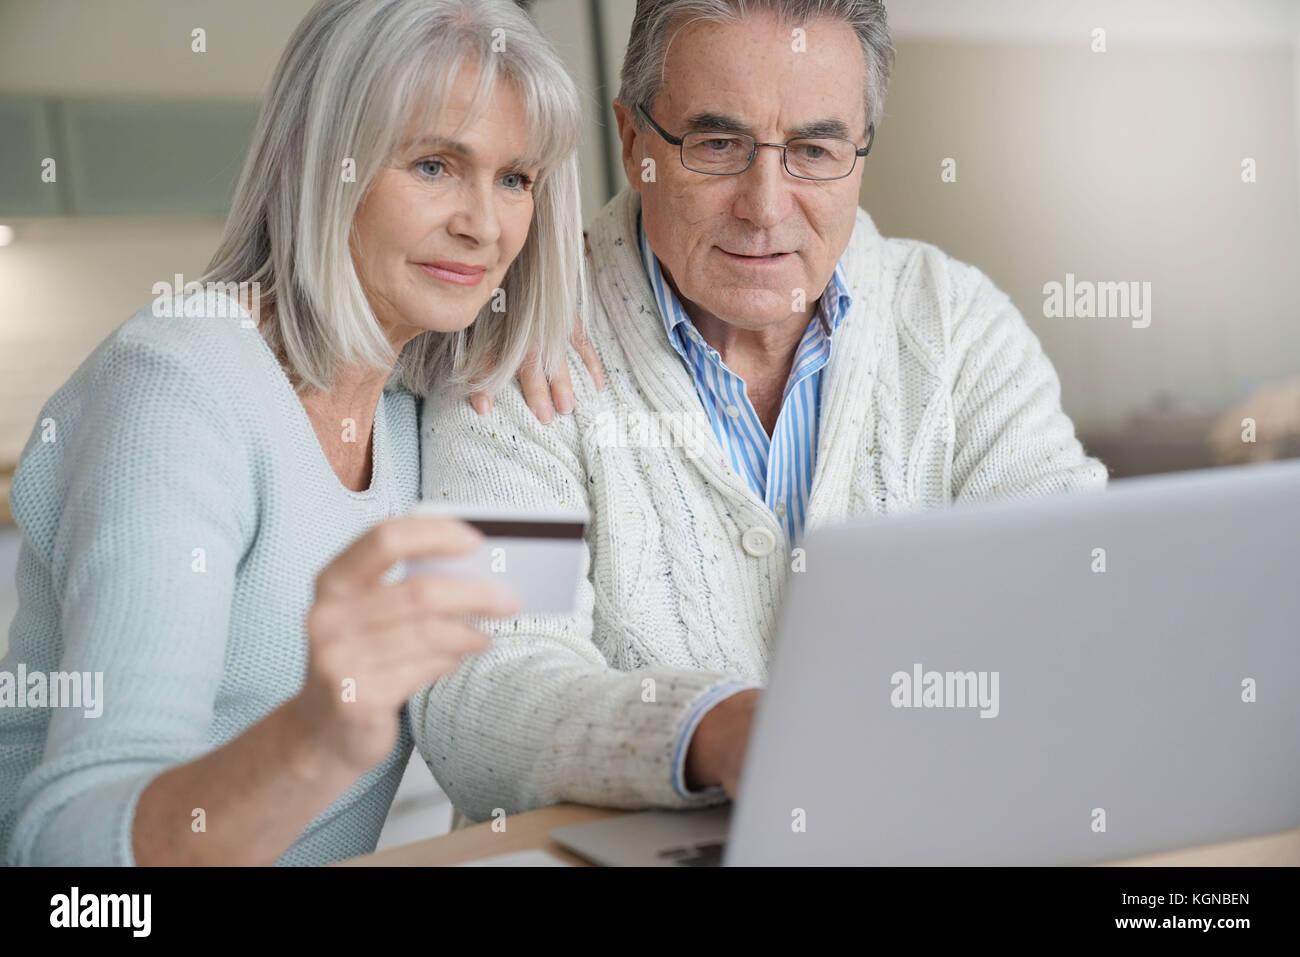 Altos par comprar en internet con tarjeta de crédito Imagen De Stock